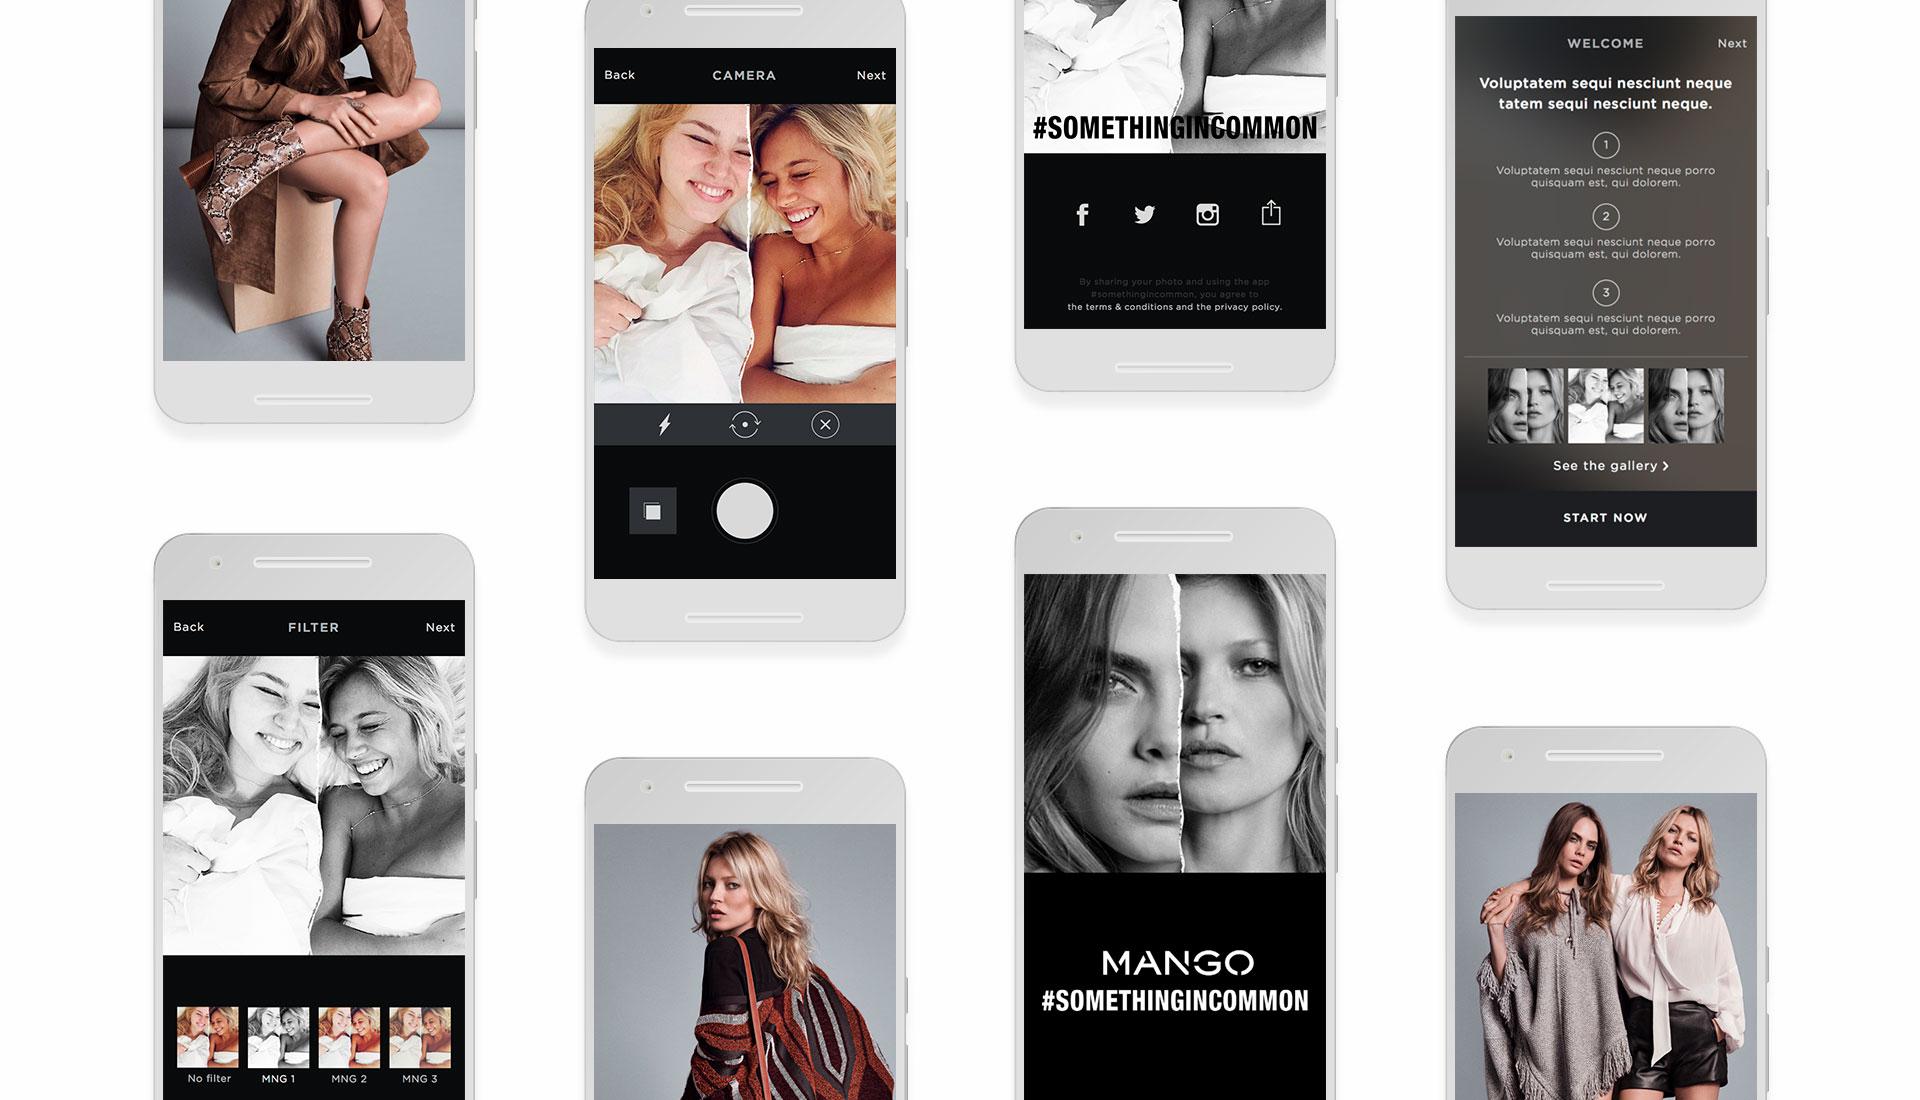 multi-device app #Somethingincommon by Mango